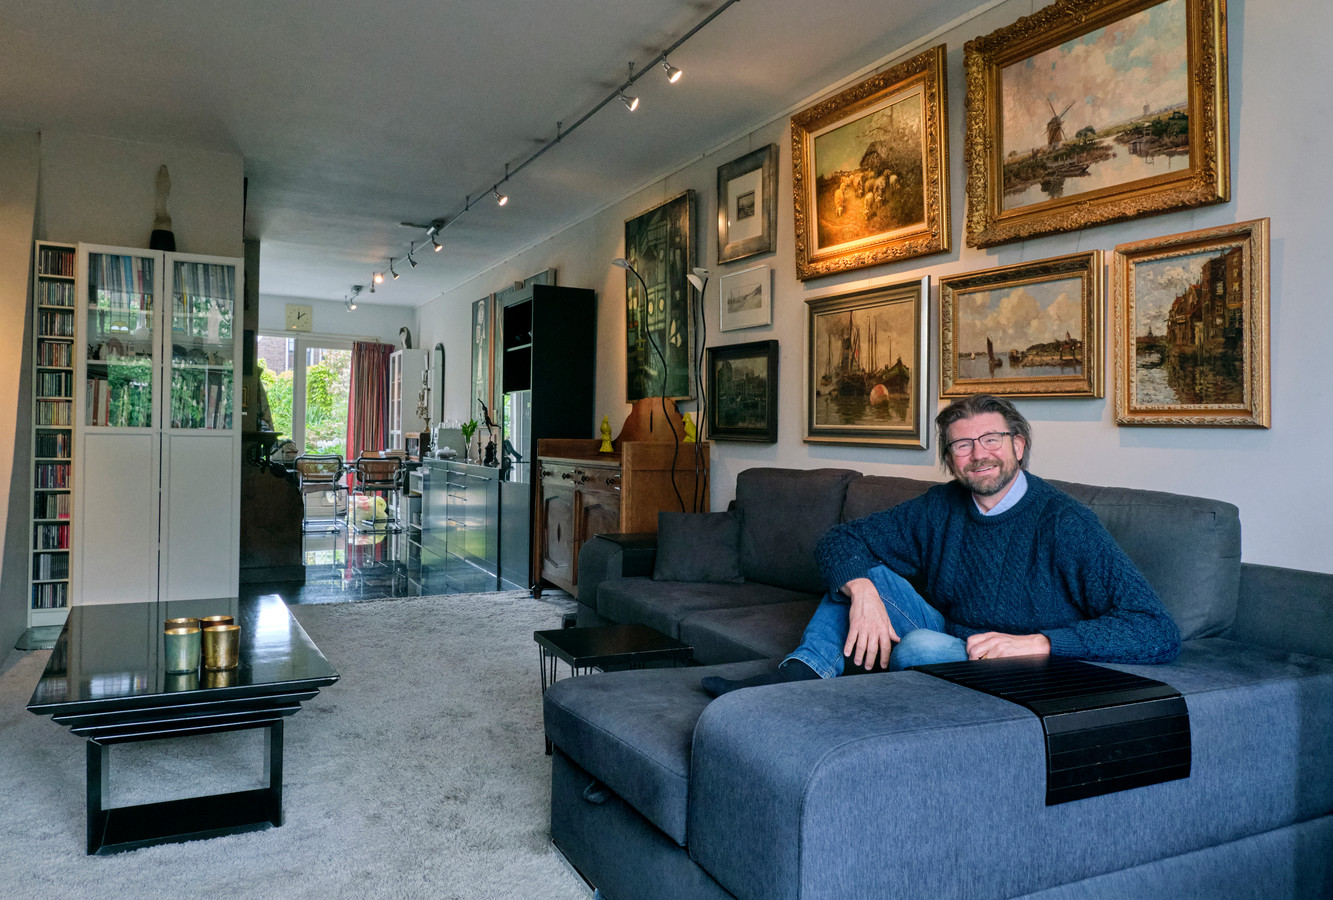 Stillevens, landschappen, modern abstract werk. Kunstverzamelaar Koos van Veen hangt het liefst zijn hele huis ermee vol.